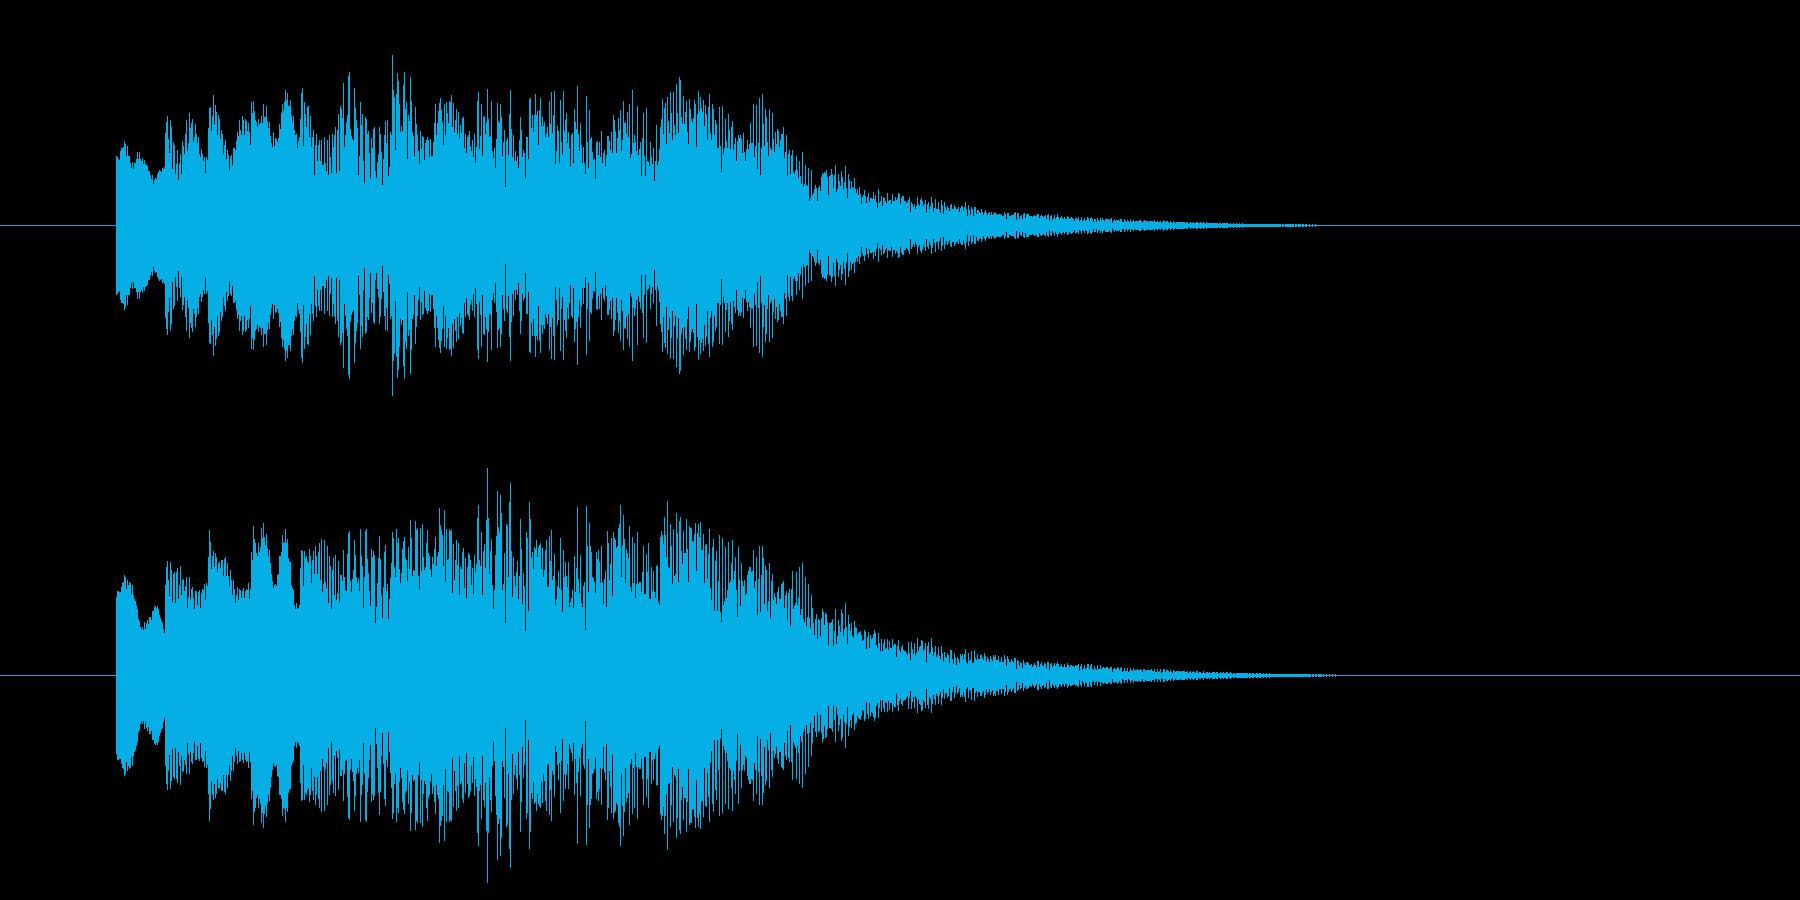 アイドルSE5 レアカード レベルアップの再生済みの波形